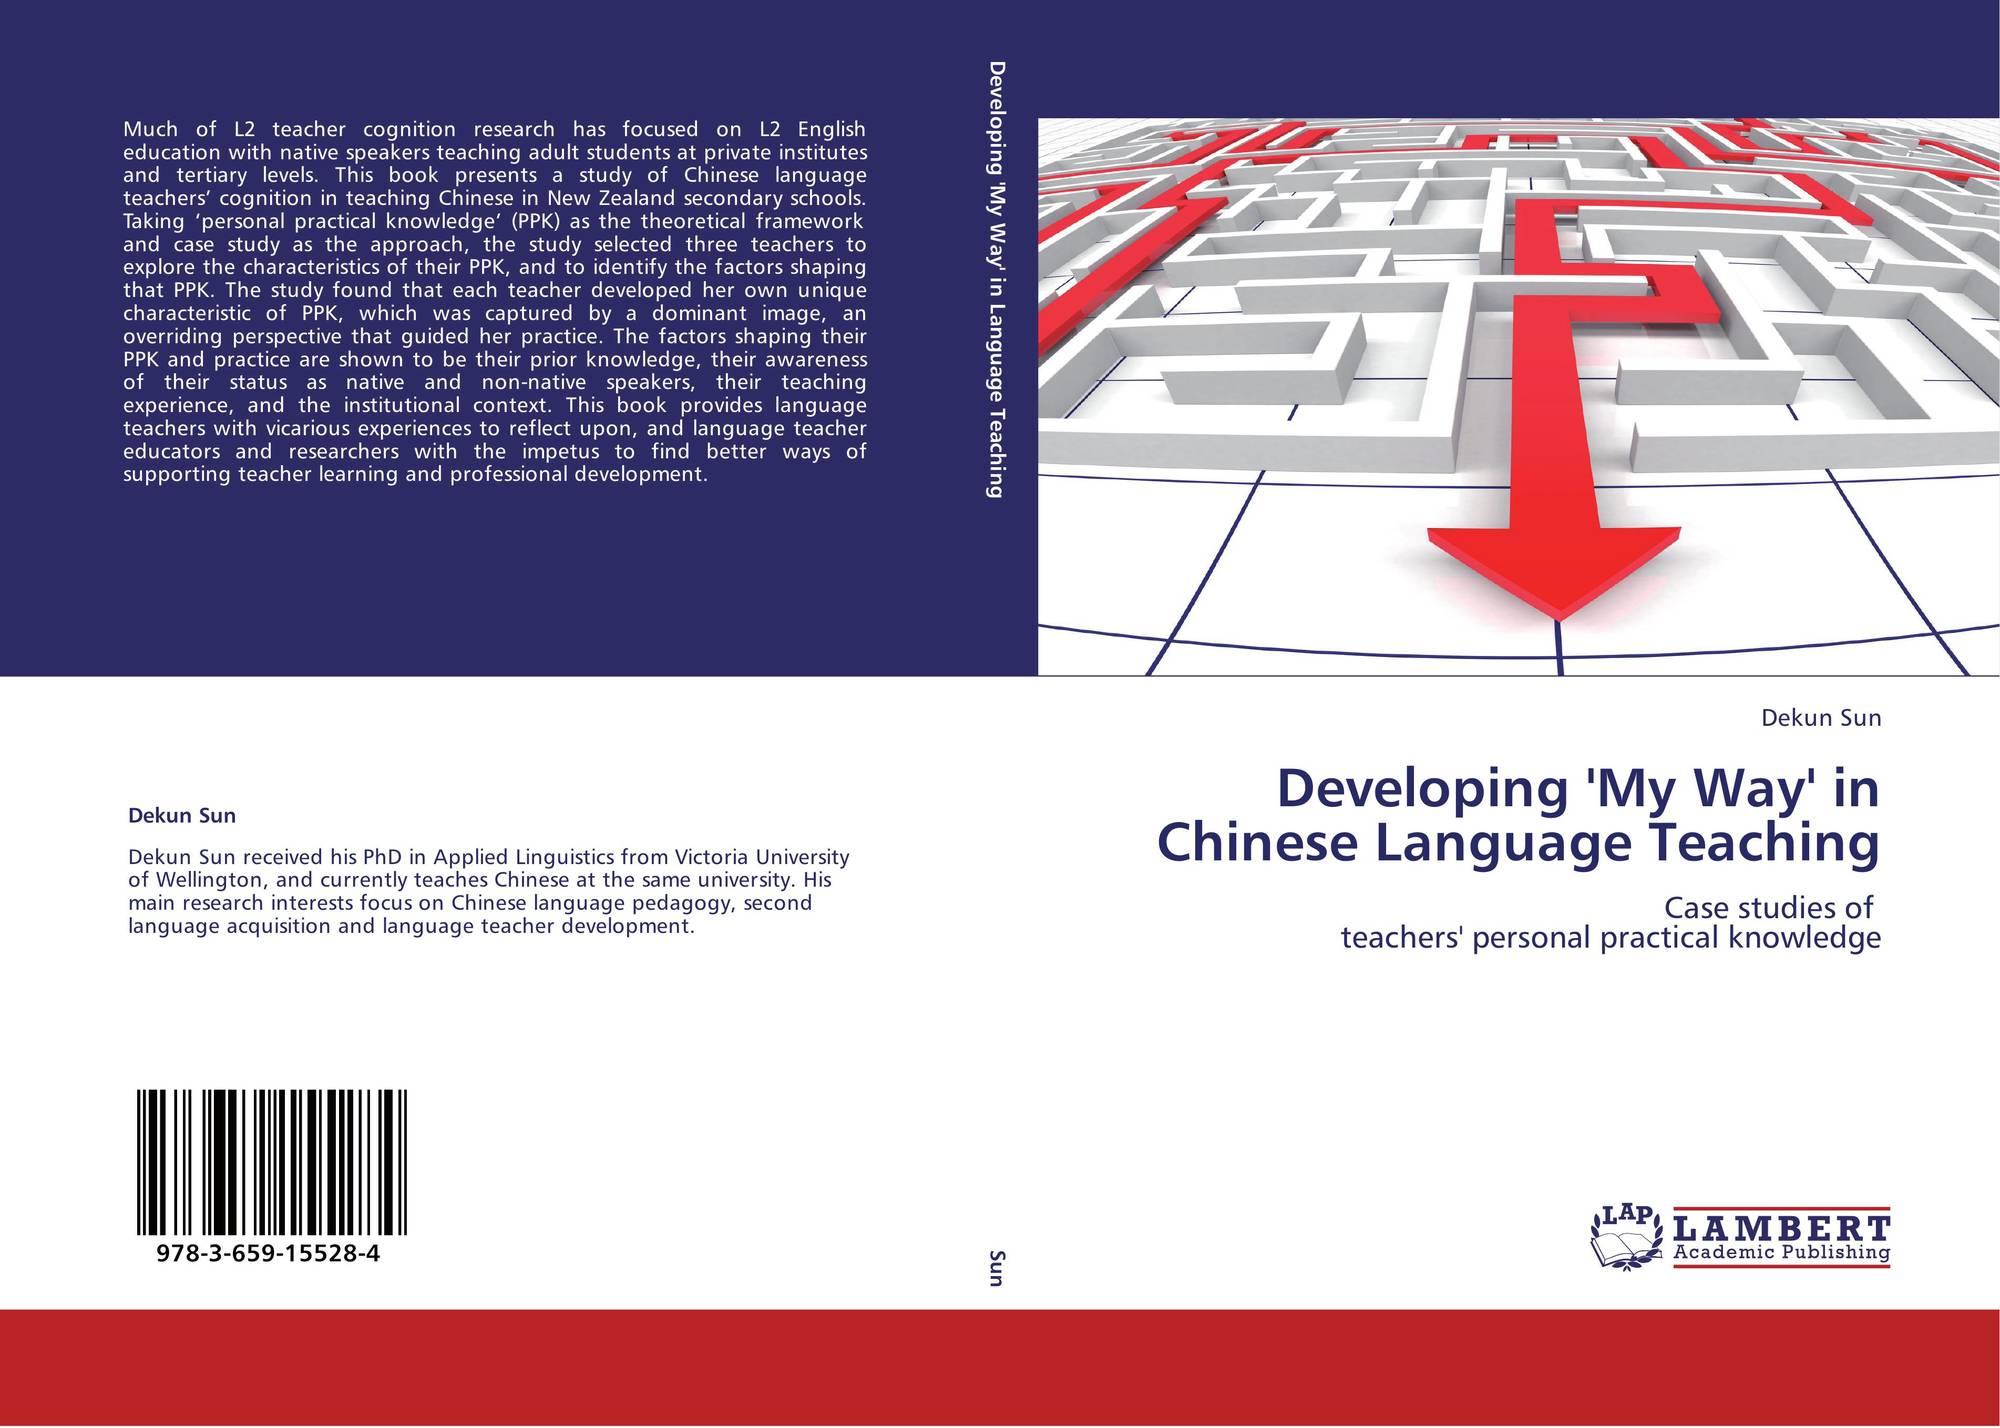 Developing 'My Way' in Chinese Language Teaching, 978-3-659